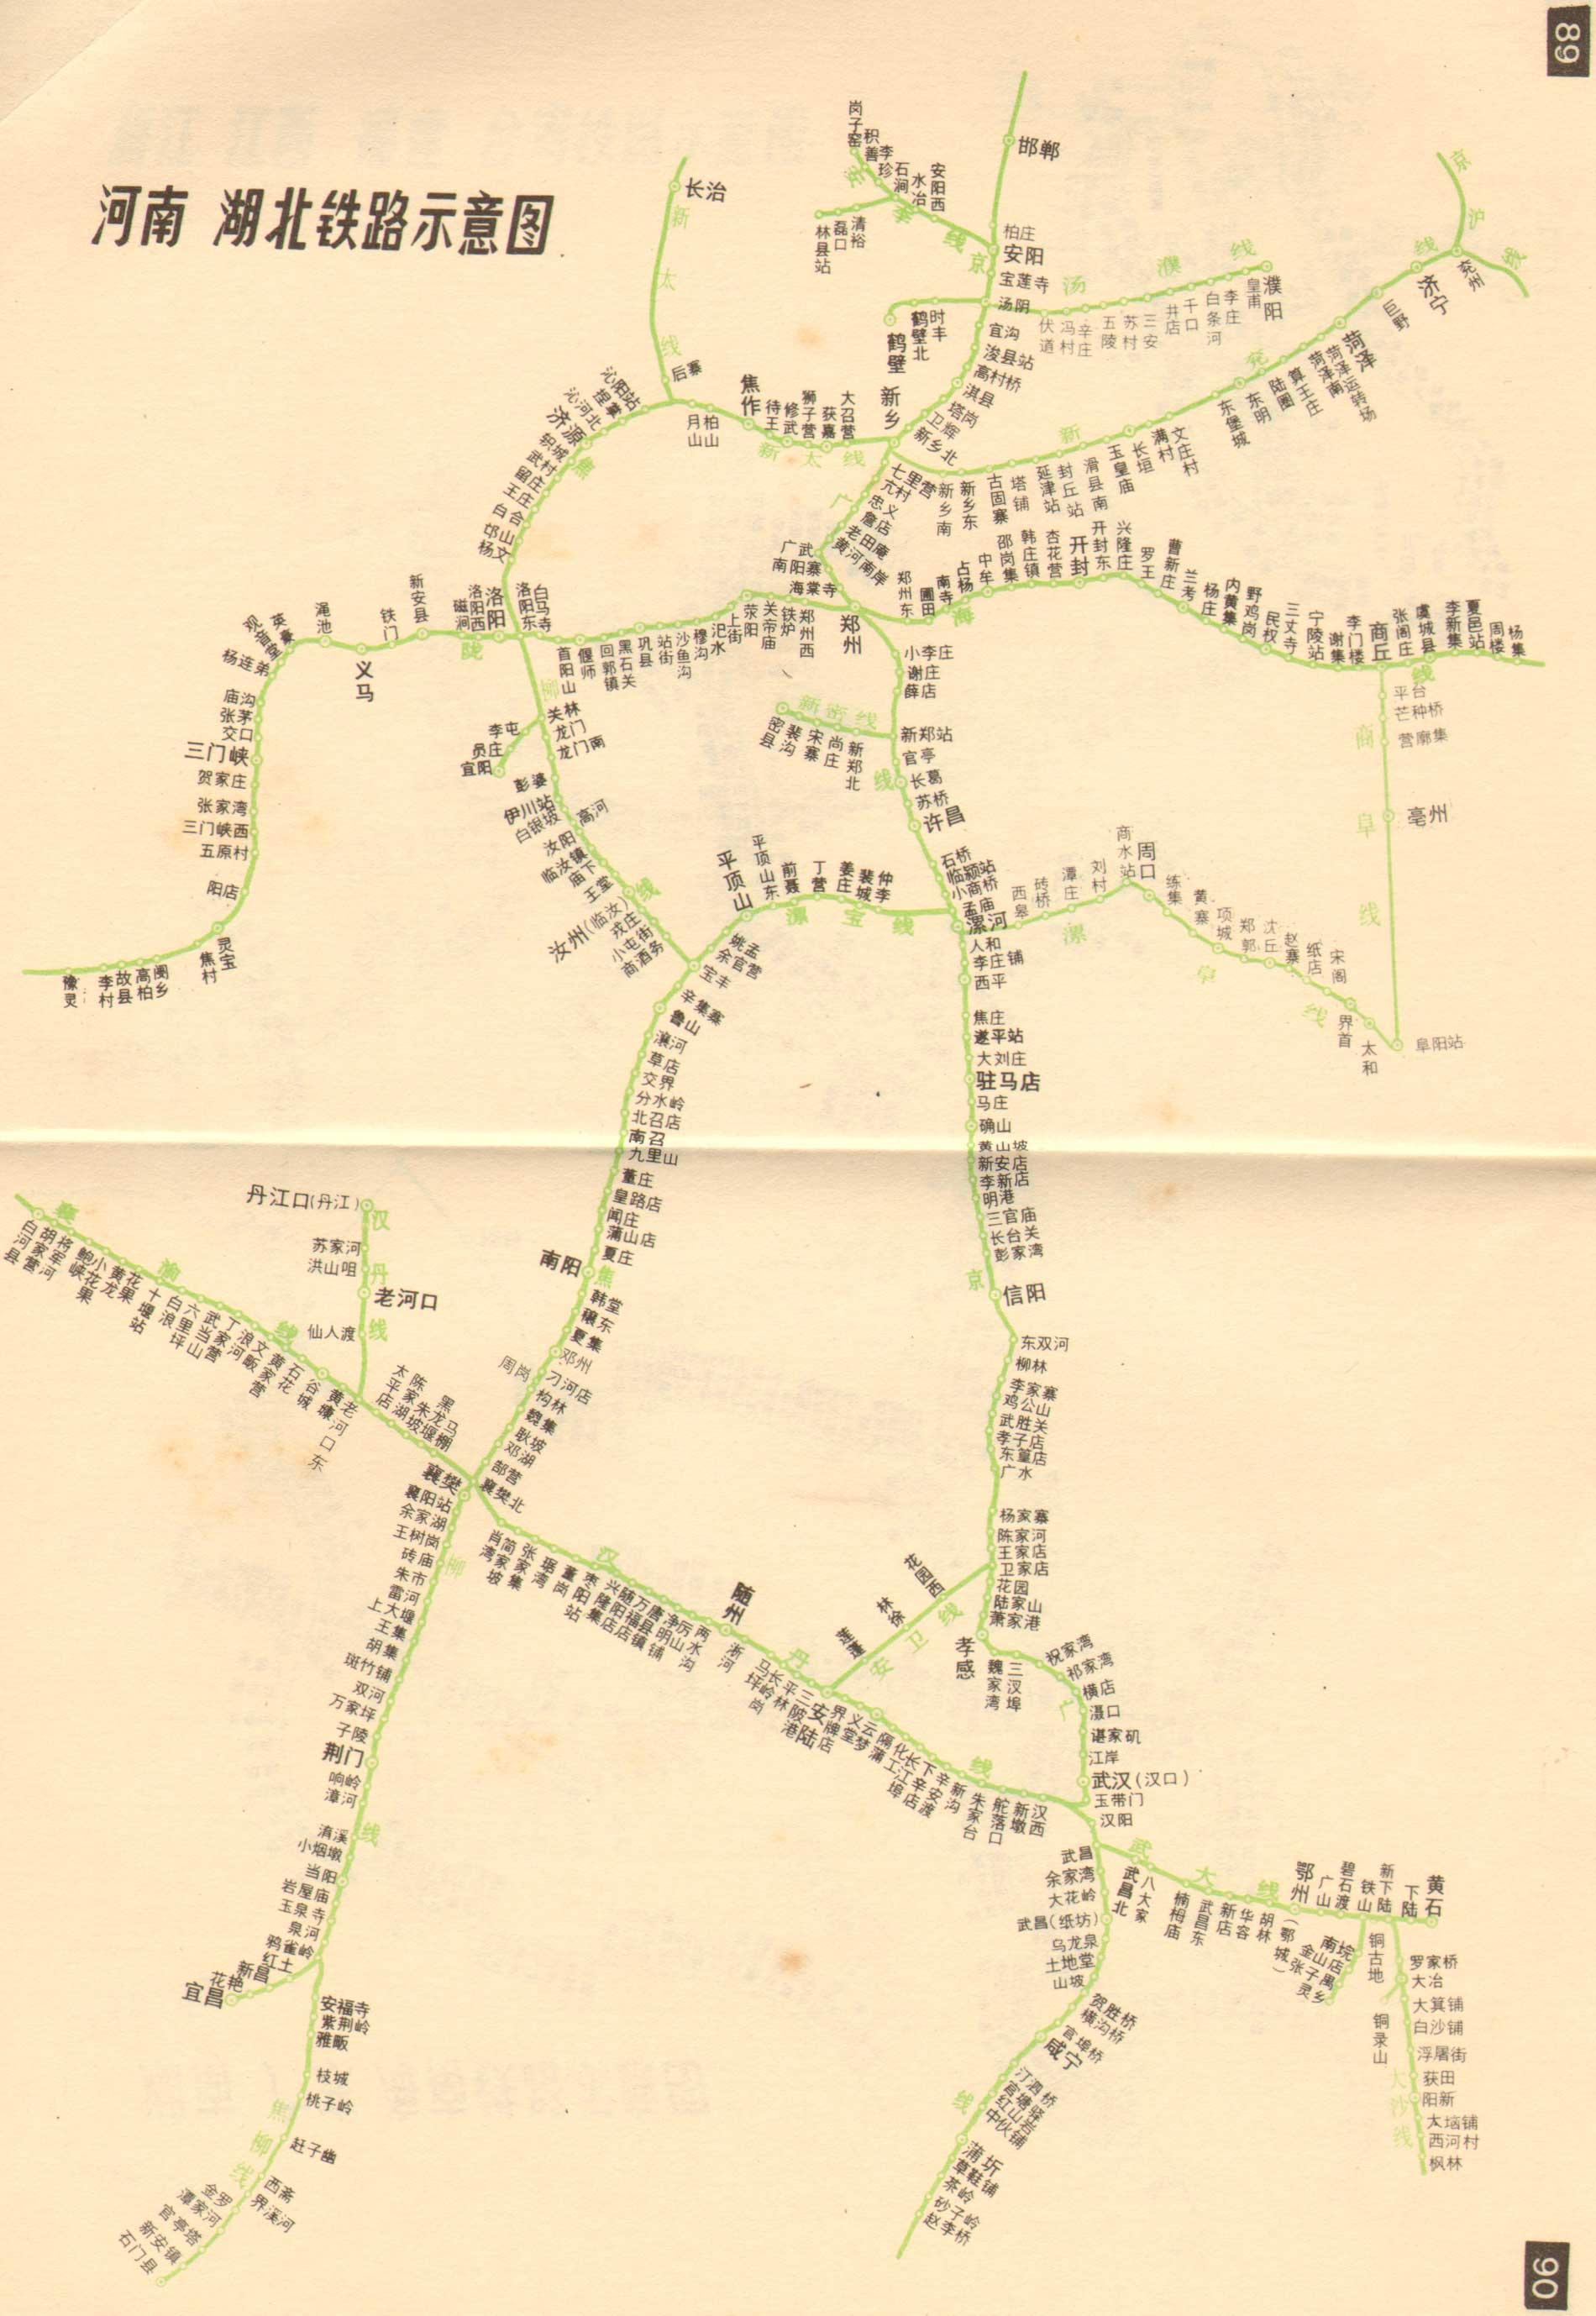 河南湖北铁路线路图